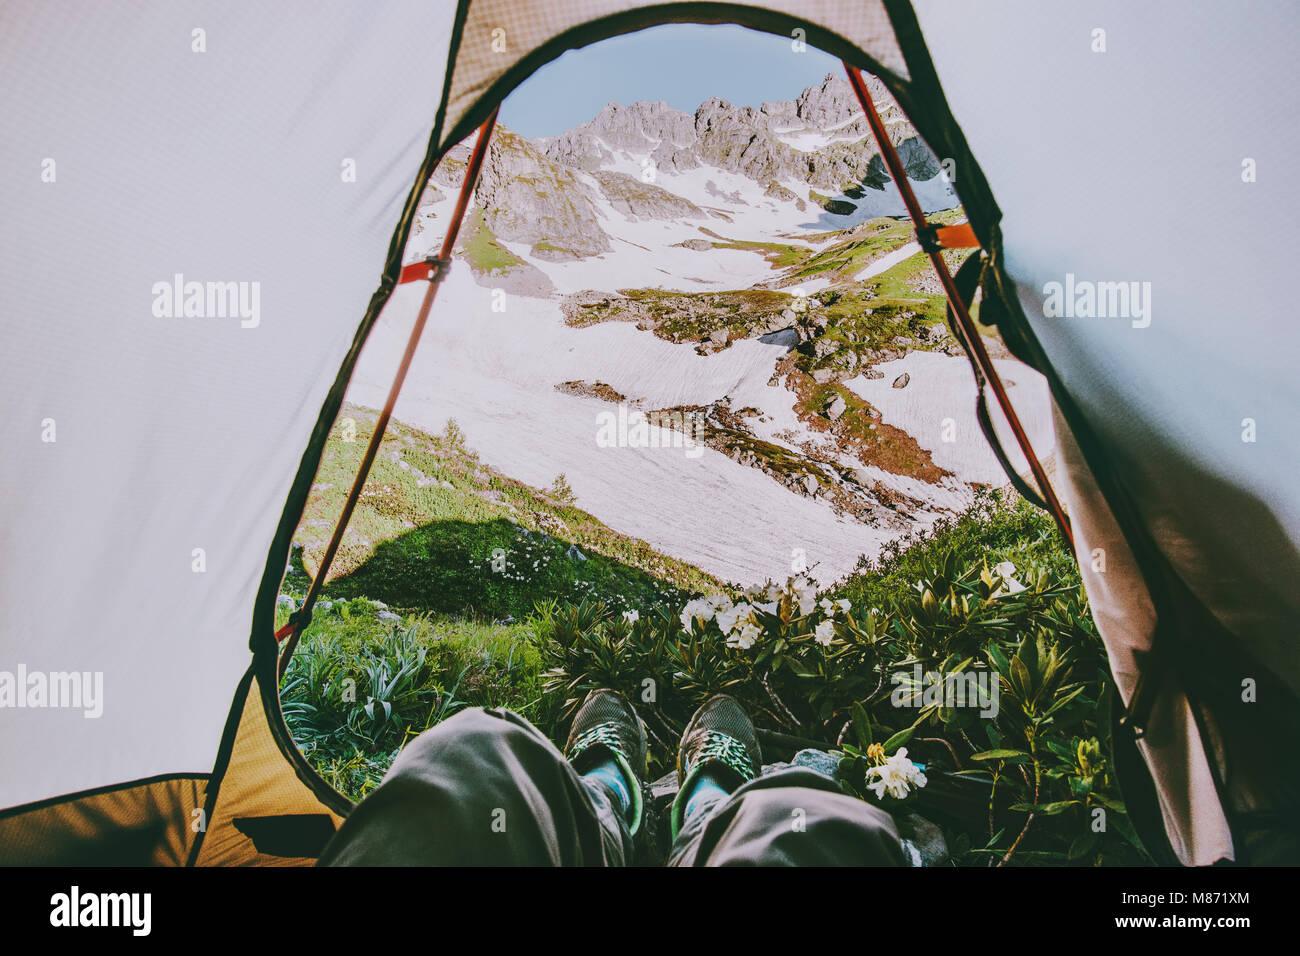 Füße Mann entspannen mit Berge Blick vom Zelt Camping Eingang outdoor Reisen fernweh Lifestyle-konzept Stockbild